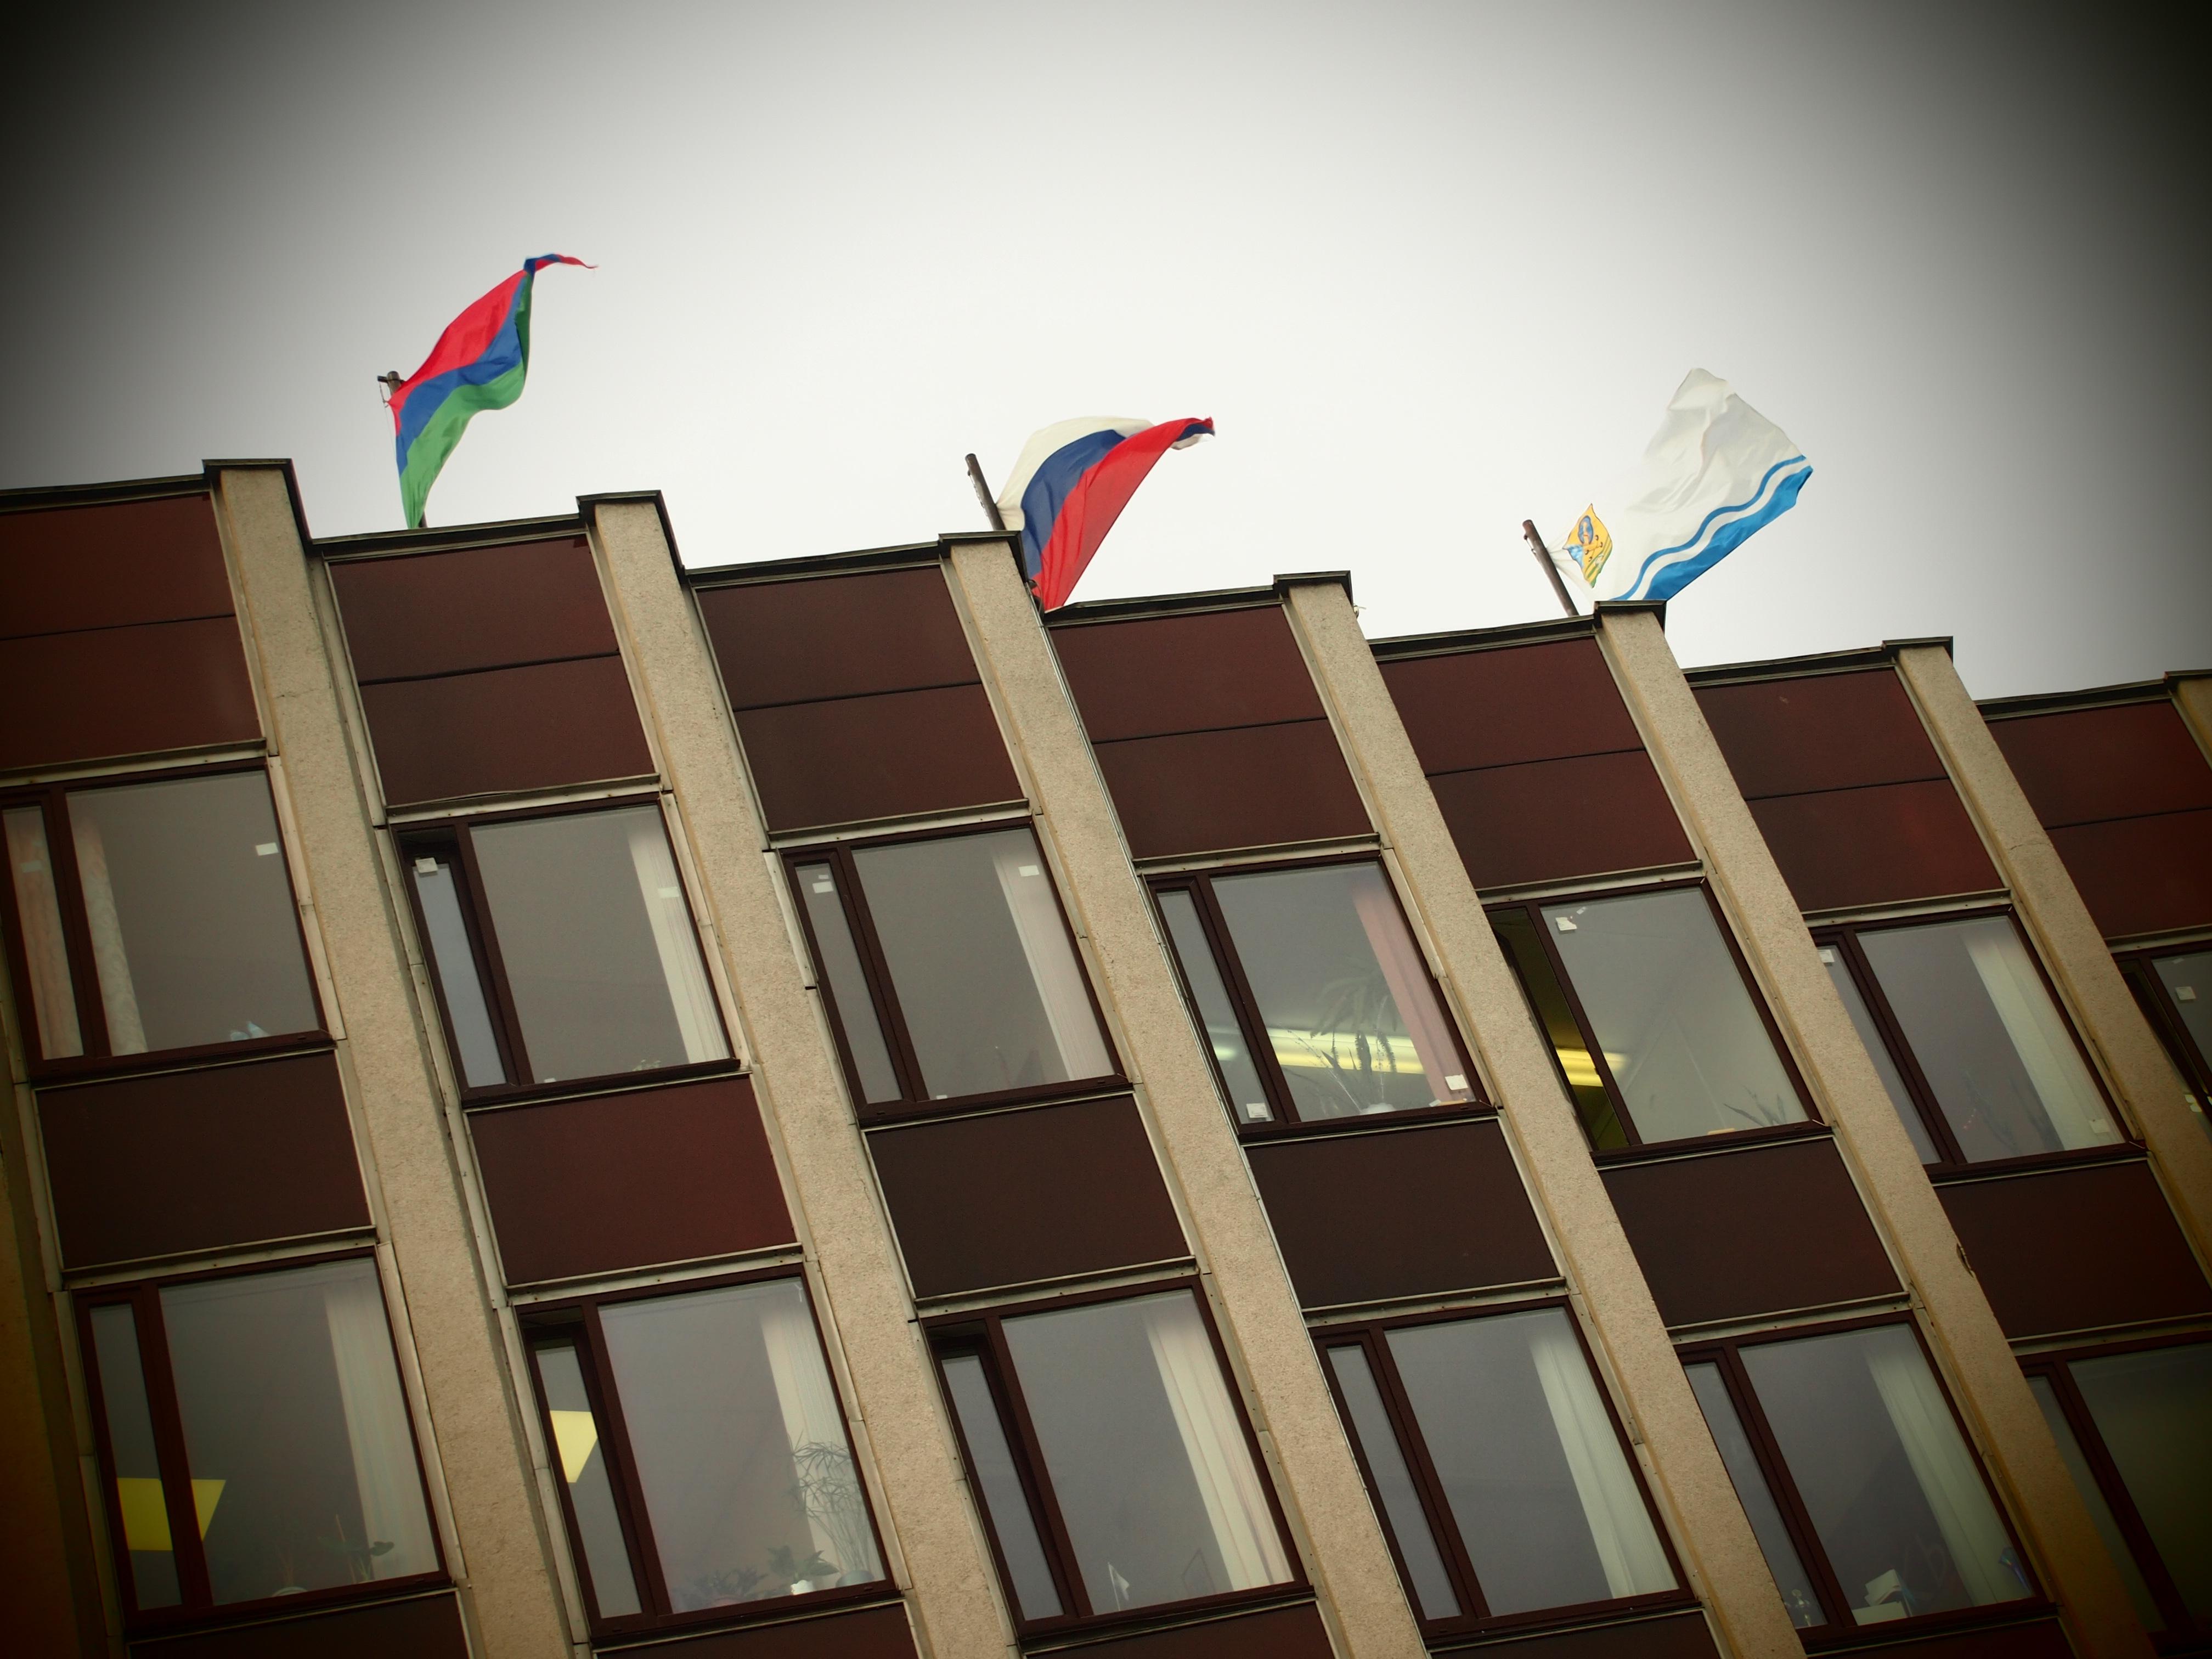 Любое решение горсовета после истечения срока его полномочий окажется нелегитимным. Фото: Валерий Поташов